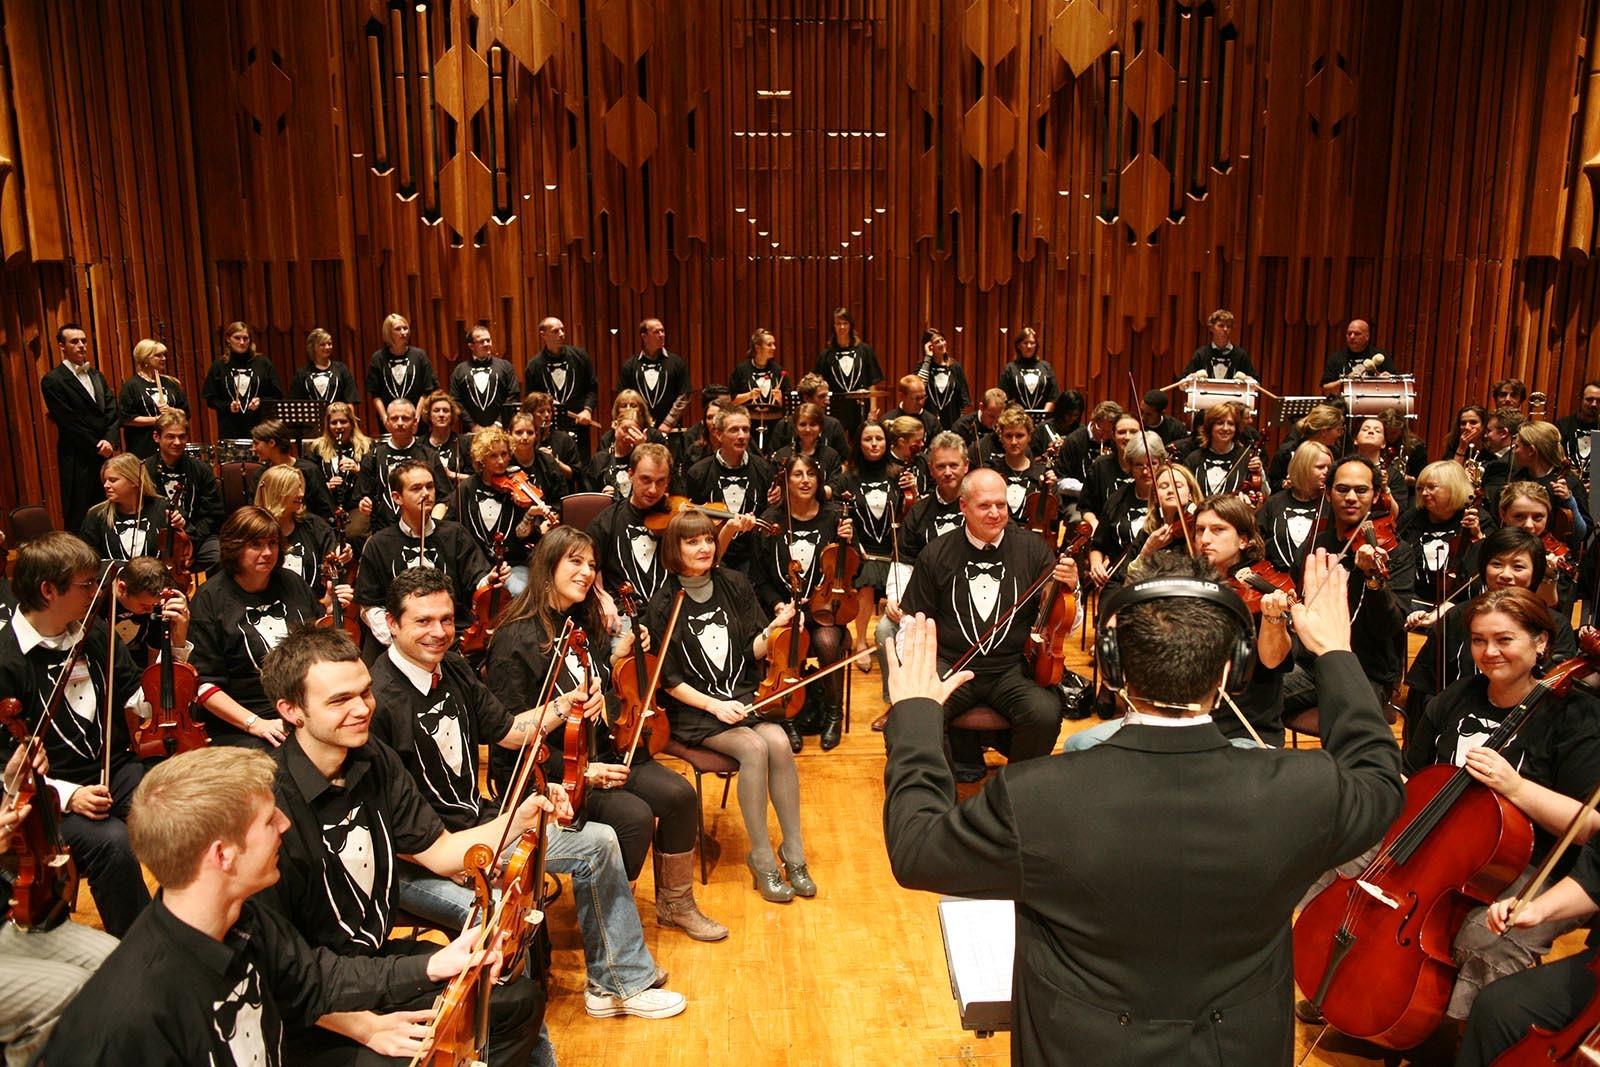 Vsichni jsou pripraveni na zaverecne vystoupeni v hudebni hre Orchestrate